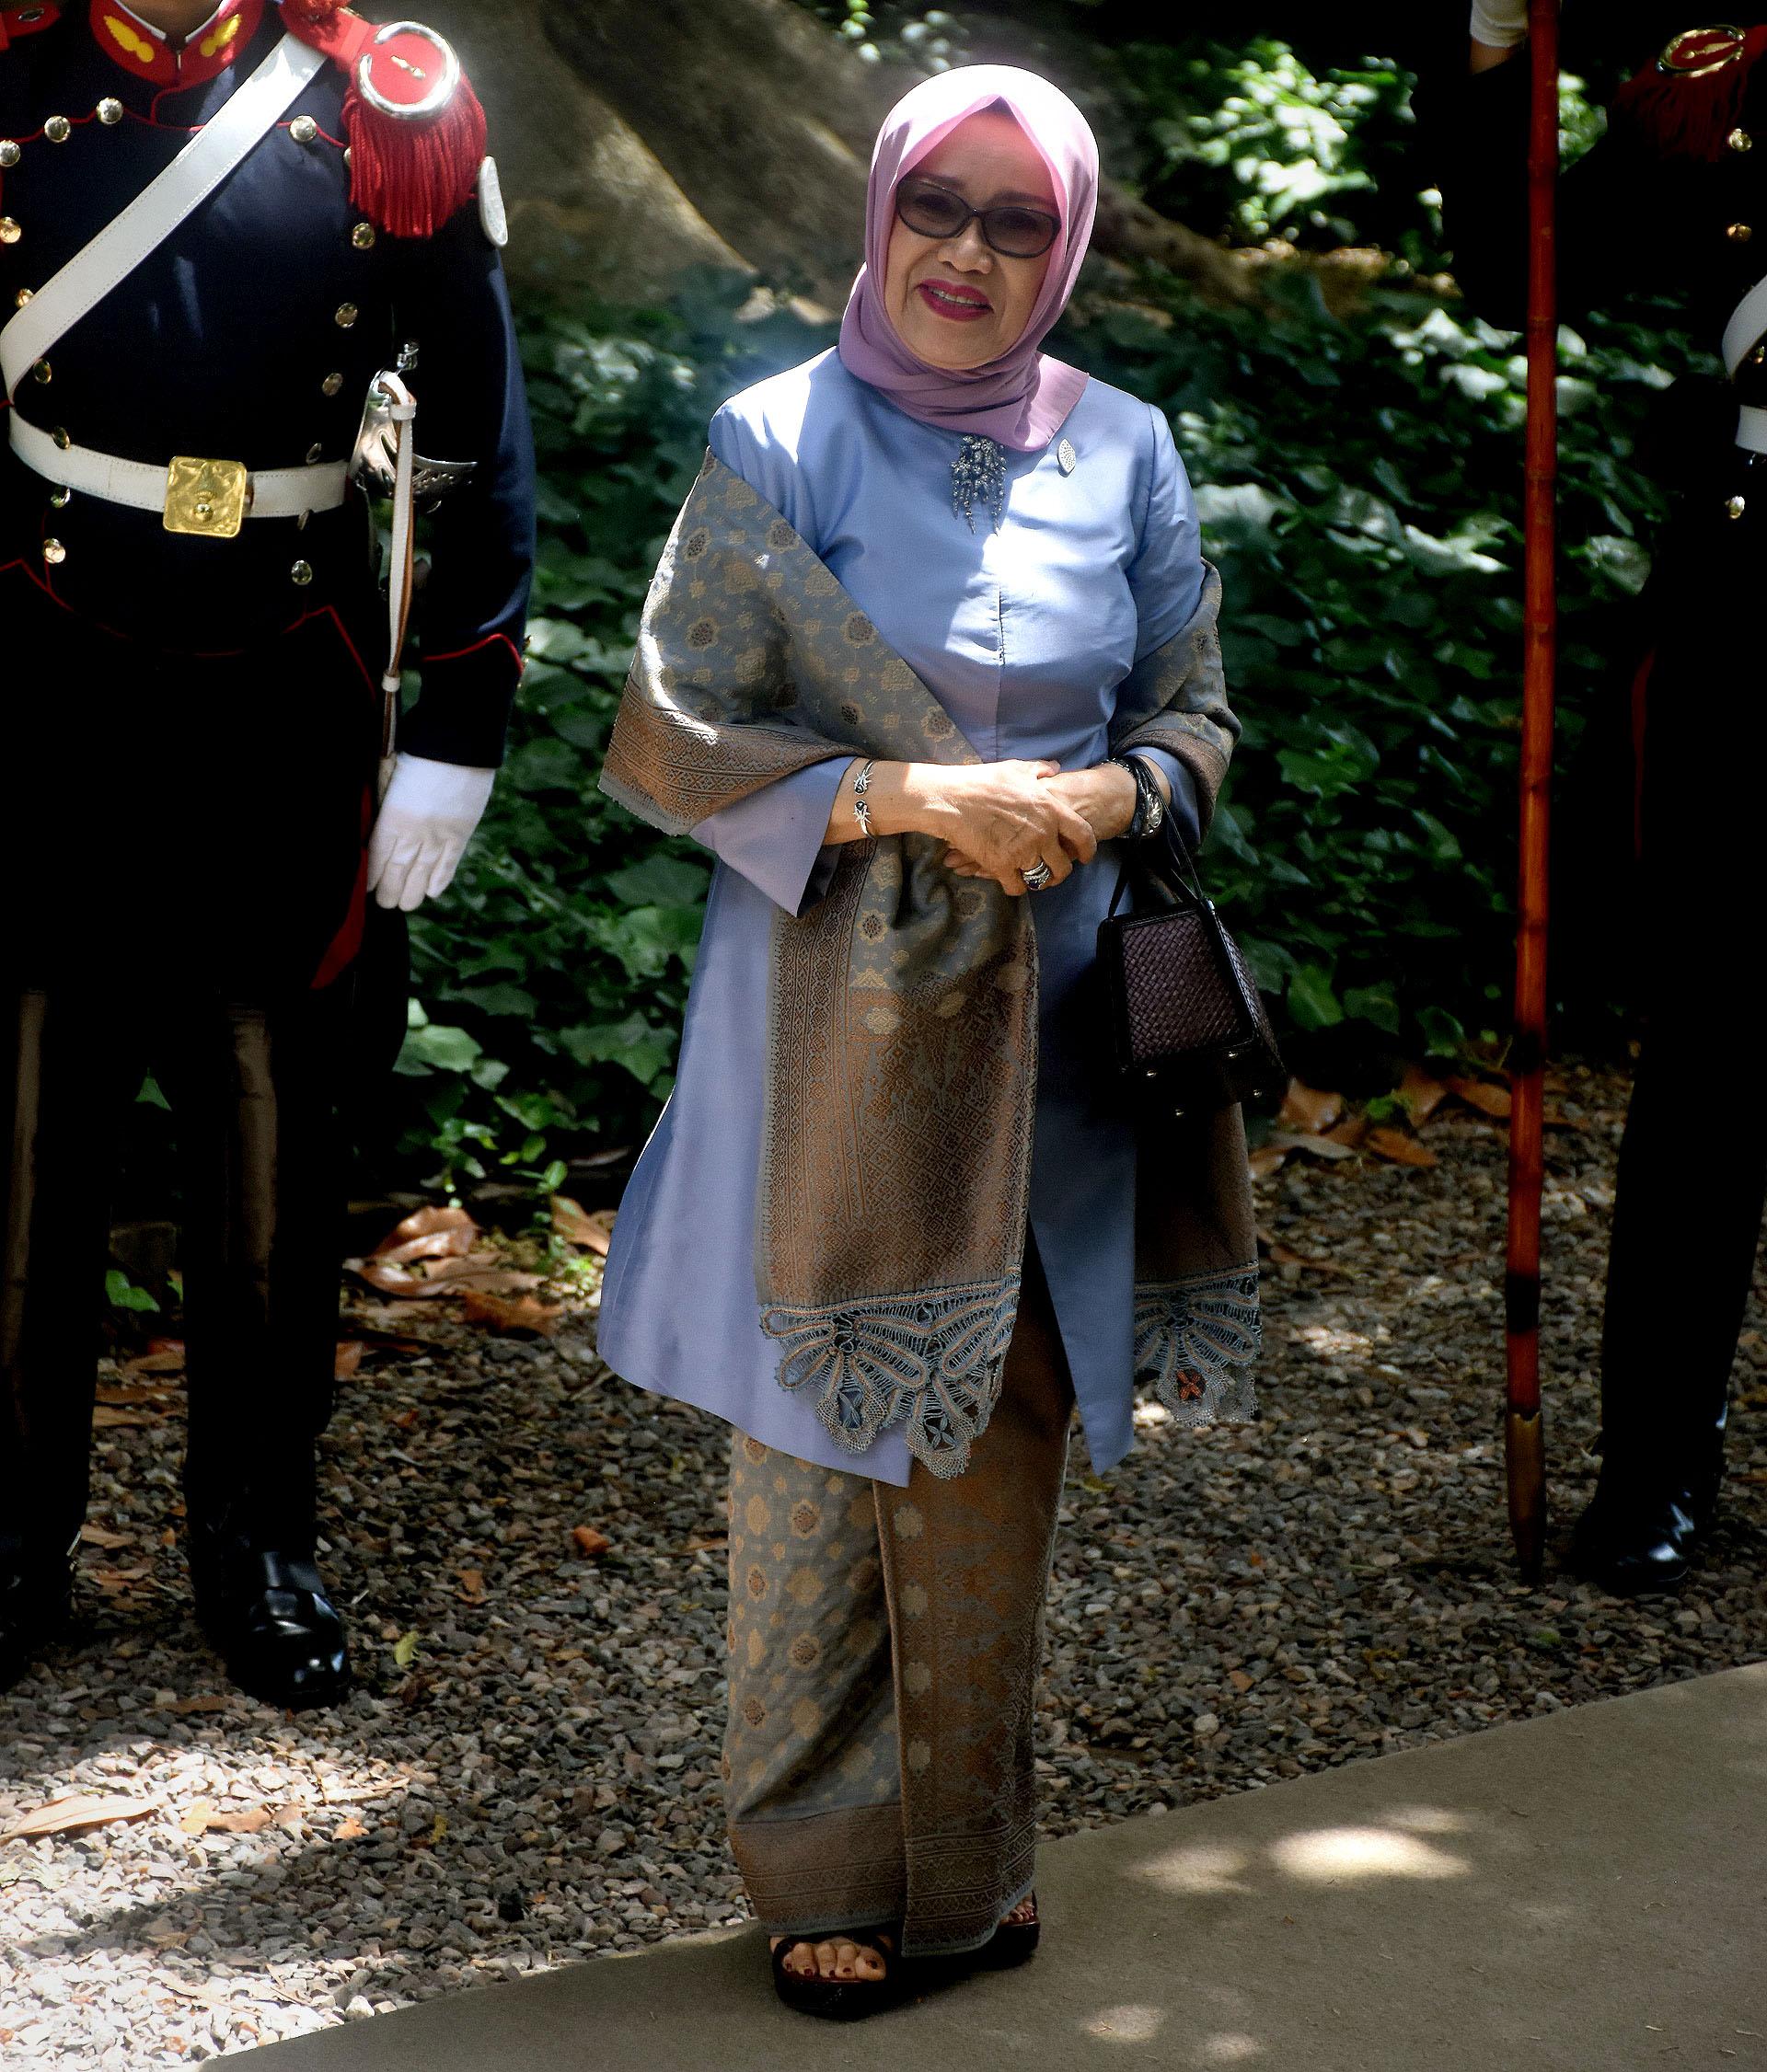 Mufidah Jusuf Kalla lamujer del vicepresidente deIndonesia lució la vestimenta típica en lavanda y ocre, y el tradicional hijab en rosa